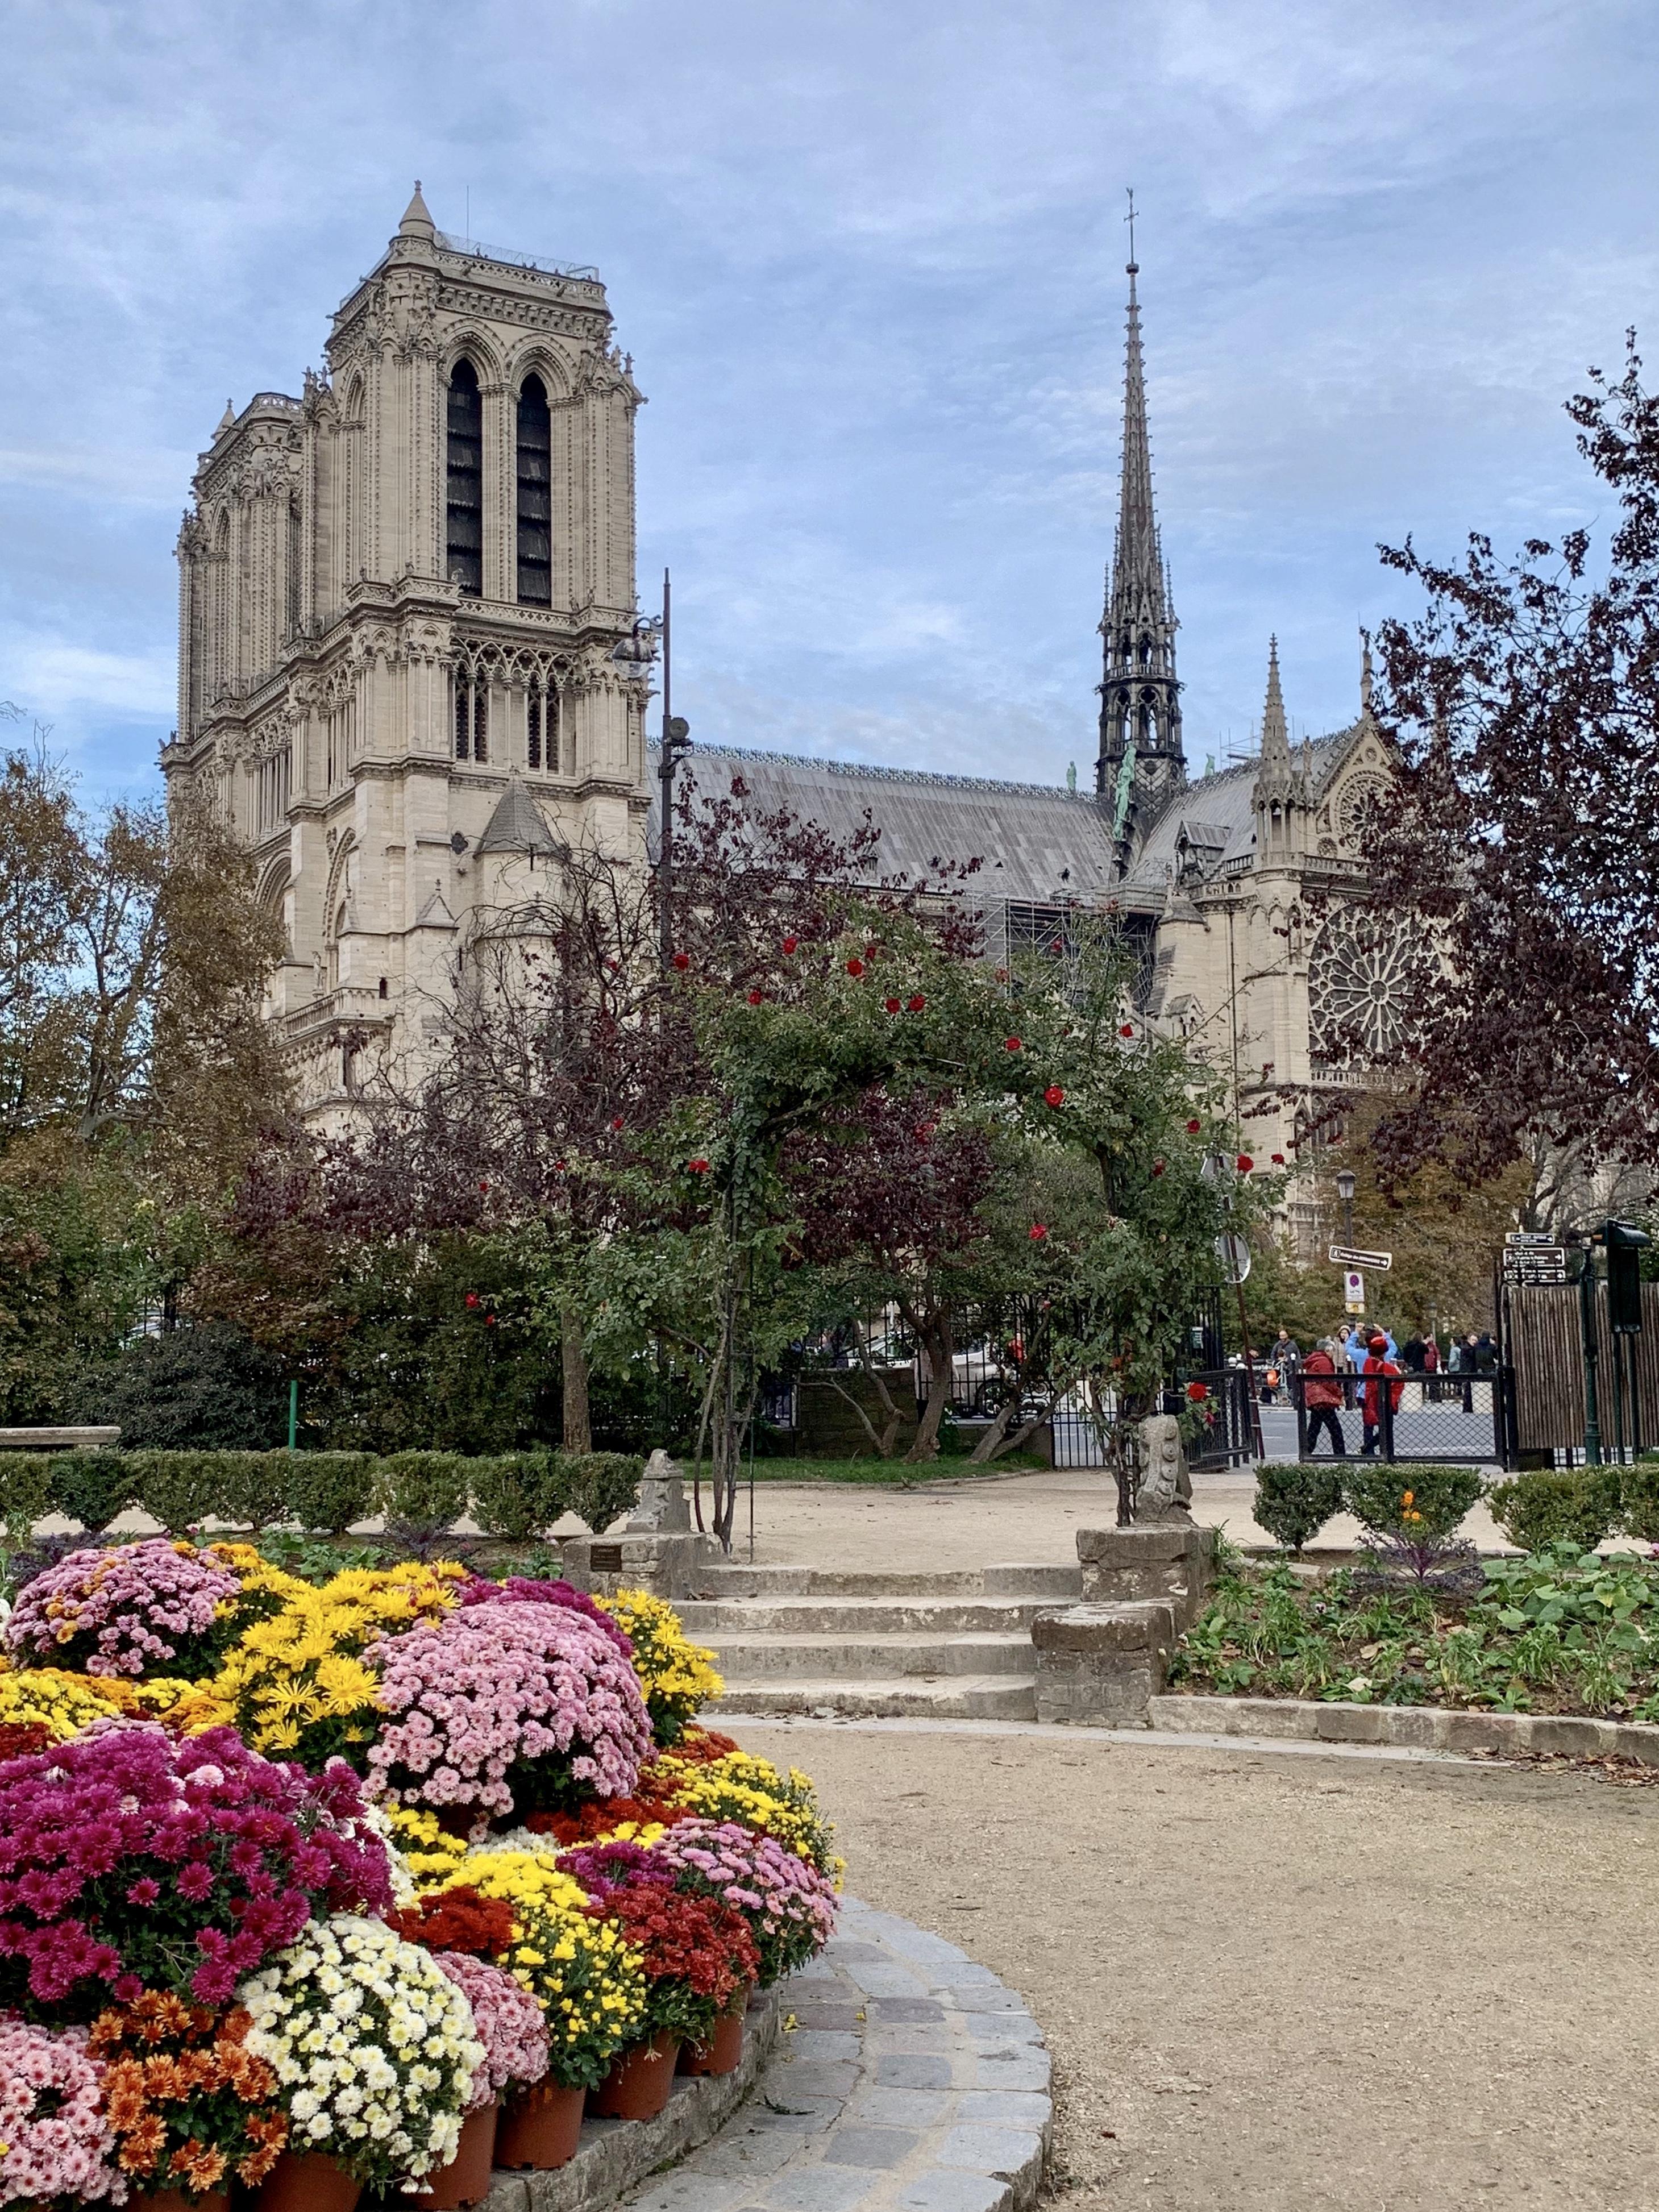 Notre-Dame im Koma – man sieht fast niemanden, der ein halbes Jahr nach dem Unheil nicht sehr betreten vor dem grandiosen und so schwer betroffenen Baudenkmal steht oder es umwandert. Notre-Dame ist eine traurig stimmende Sehenswürdigkeit geworden, nachdem sie für Jahrhunderte eine beglückende gewesen ist und ein einzigartiger Stolz Frankreichs und ganz Europas.